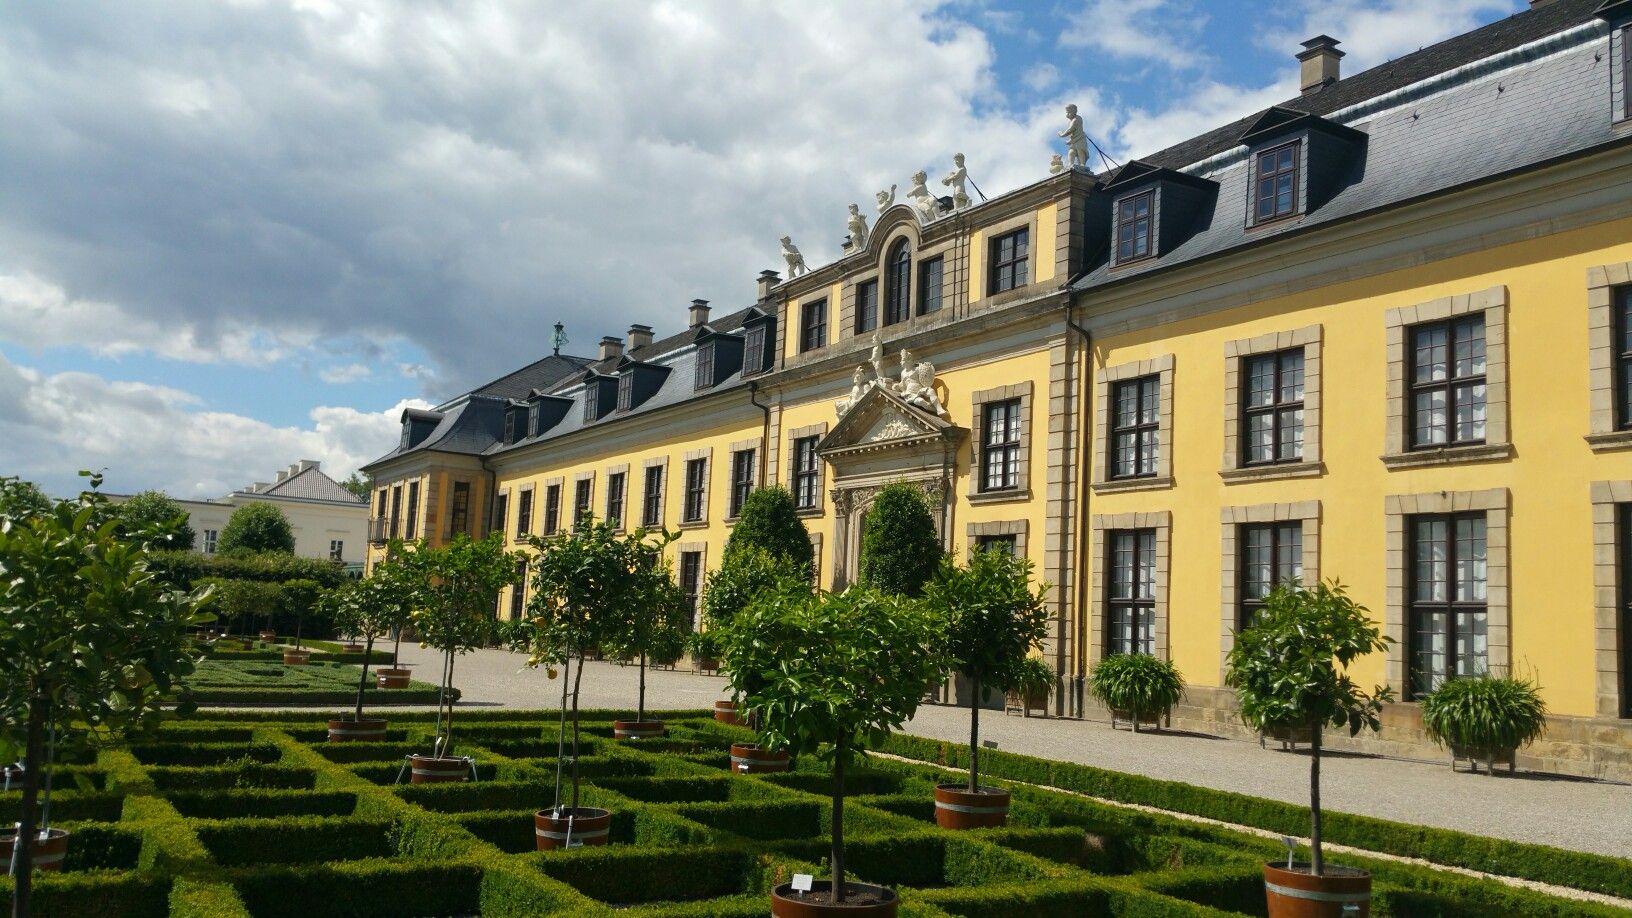 Herrenhauser Garten Hannover House Styles Home Decor House